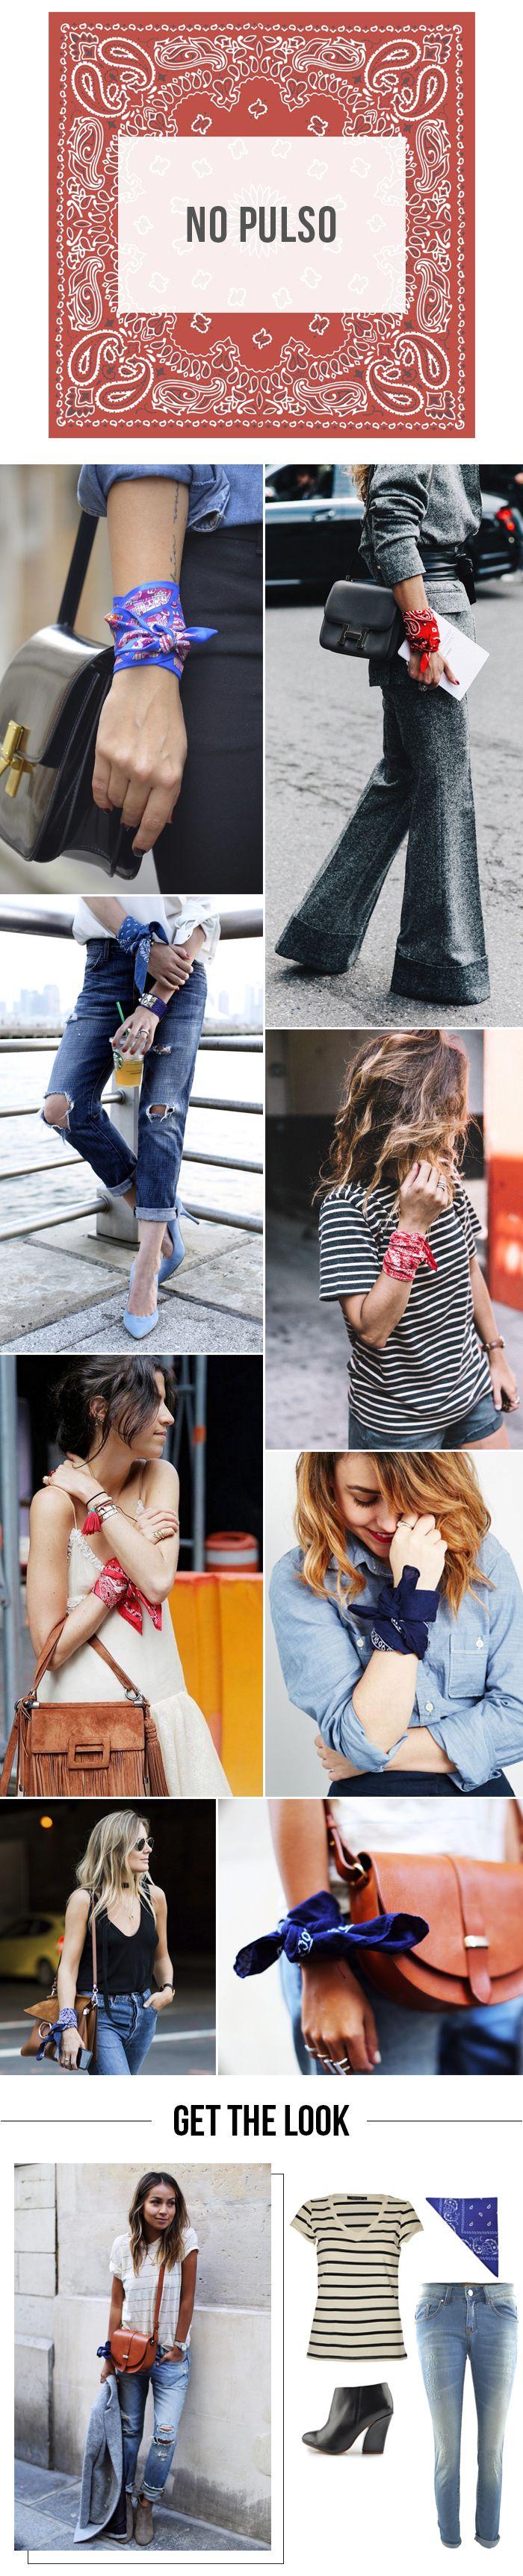 Bandana Lovers! | Como usar bandanas no pulso. | 4 jeitos de usar a sua bandana! #moda #look #outfit #getthelook #inverno #tendência #streetstyle #style #estilo #dicas #ootd #blog #lnl